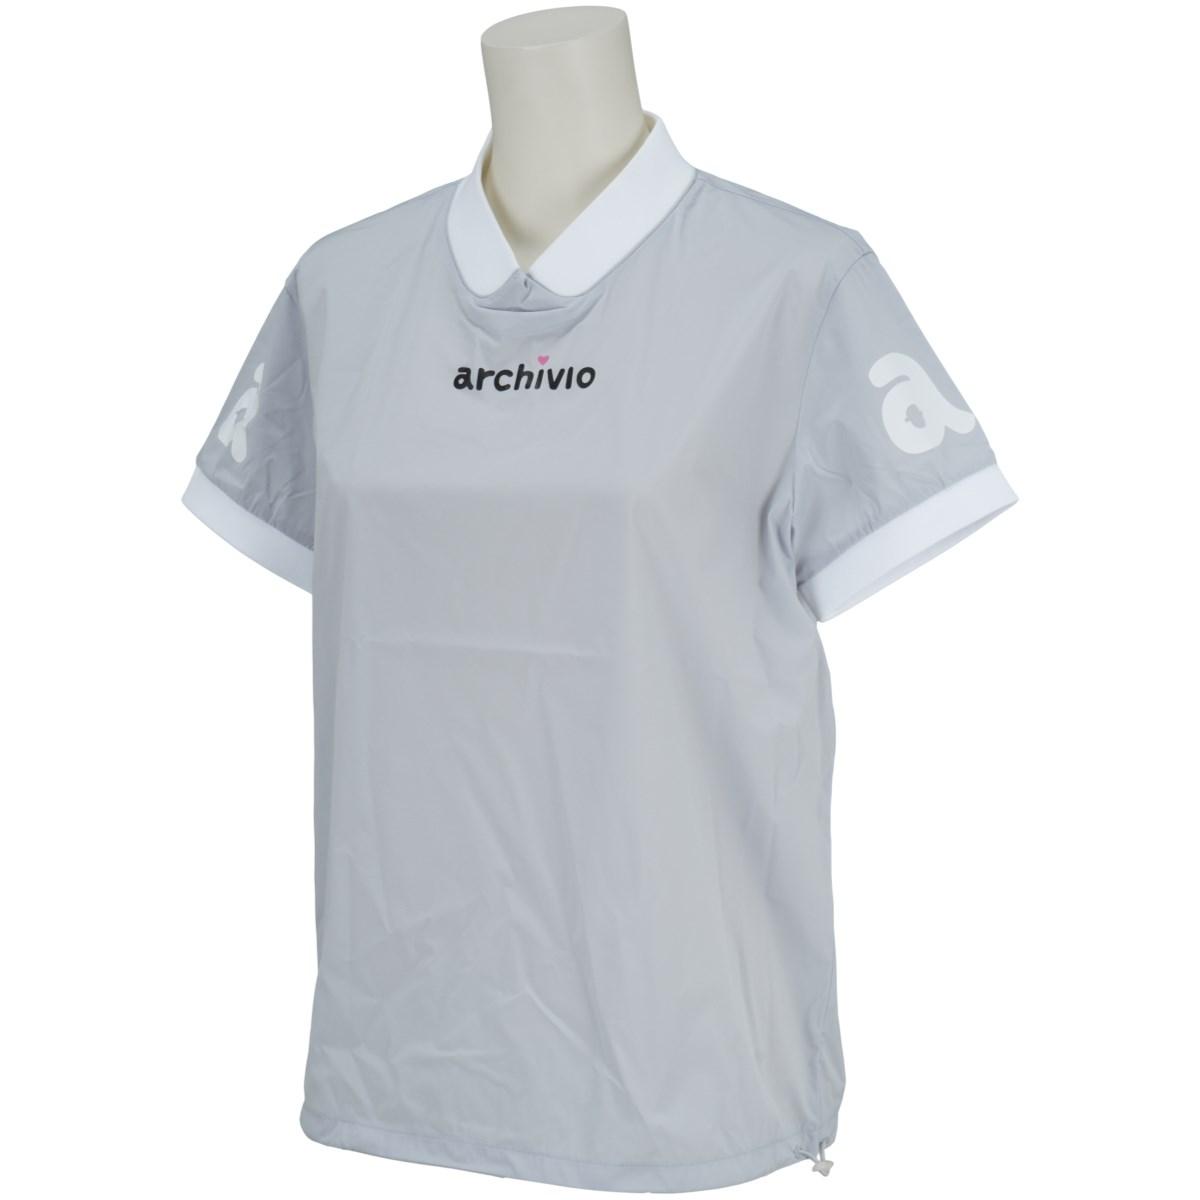 アルチビオ archivio 半袖シャツ 36 グレー 089 レディス